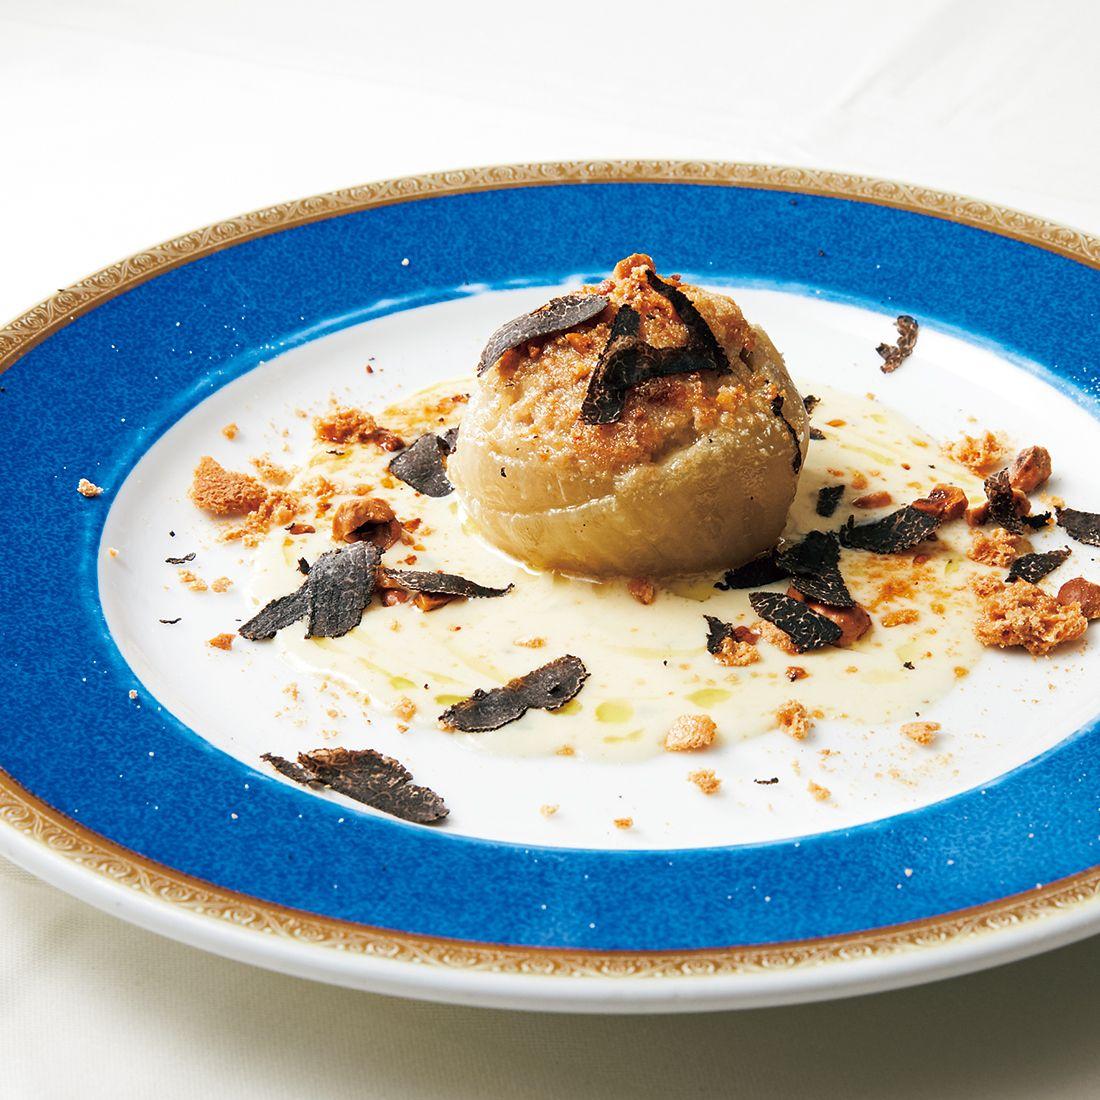 「ローストした玉葱の詰め物ピエモンテ風チーズのソース トンダジェンティーレと共に」